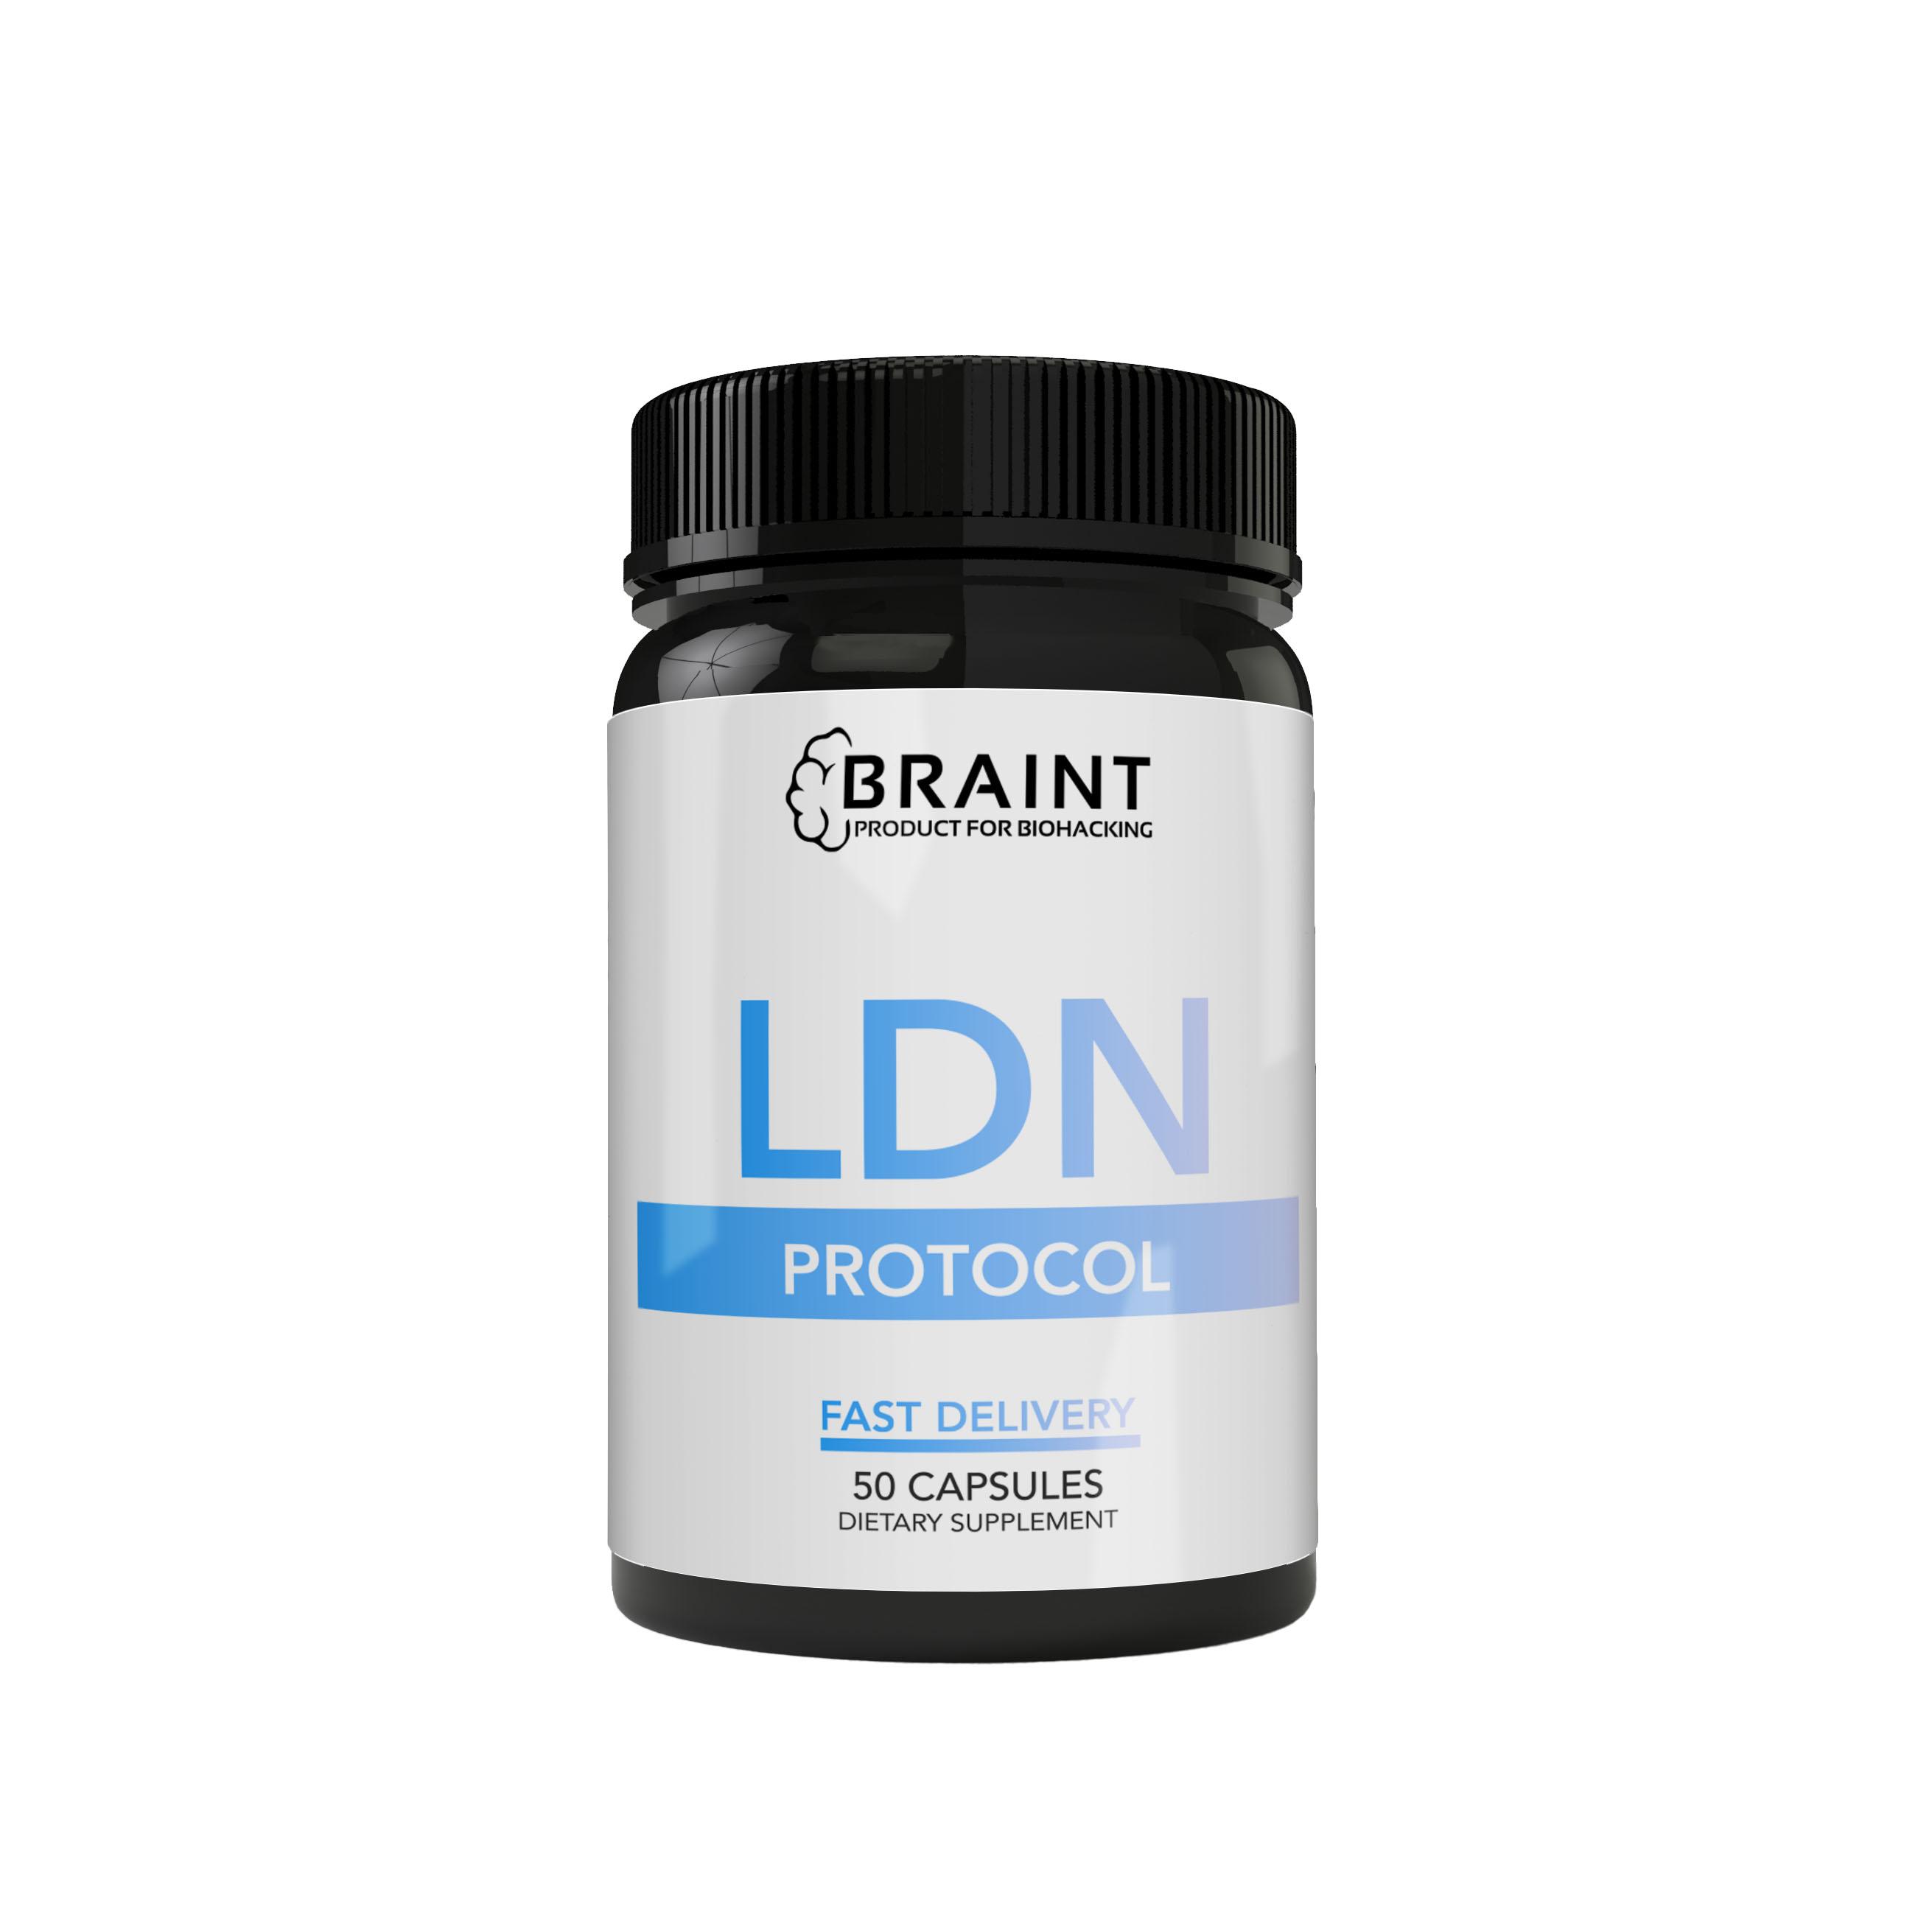 LDN protocol